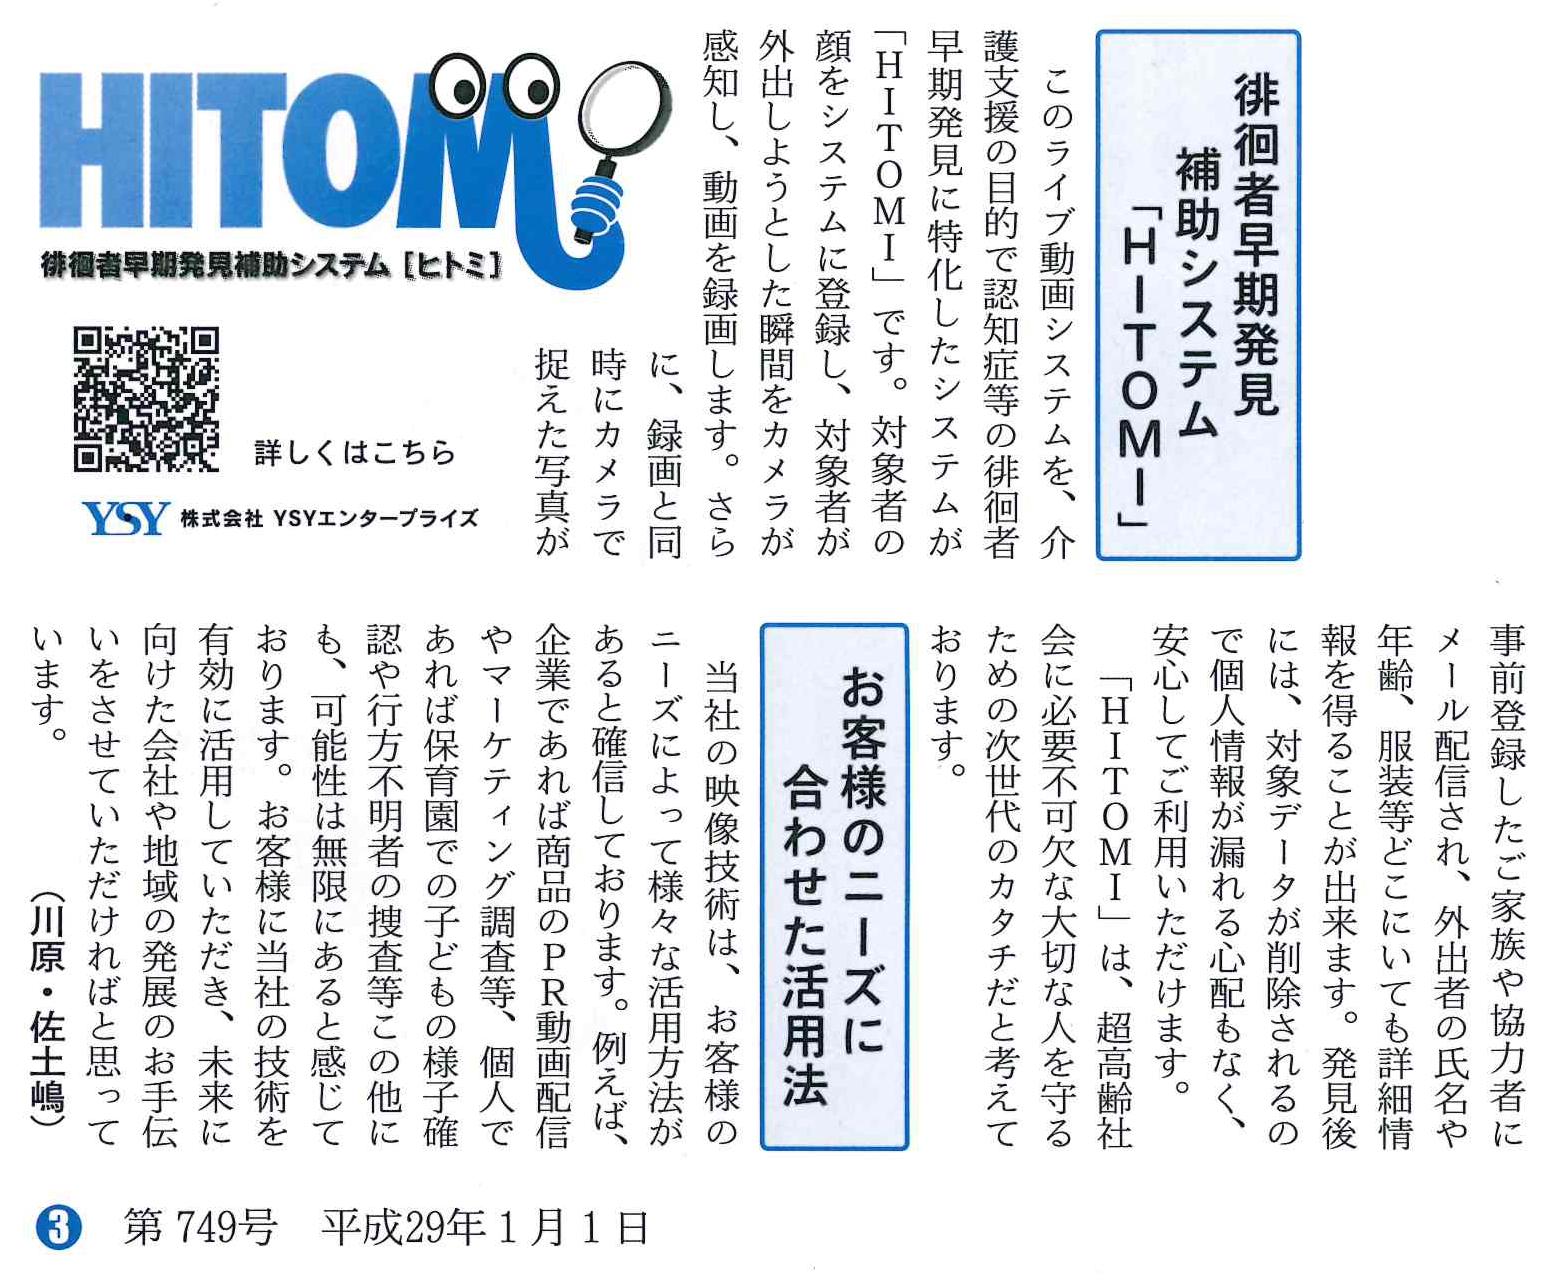 shouko-news